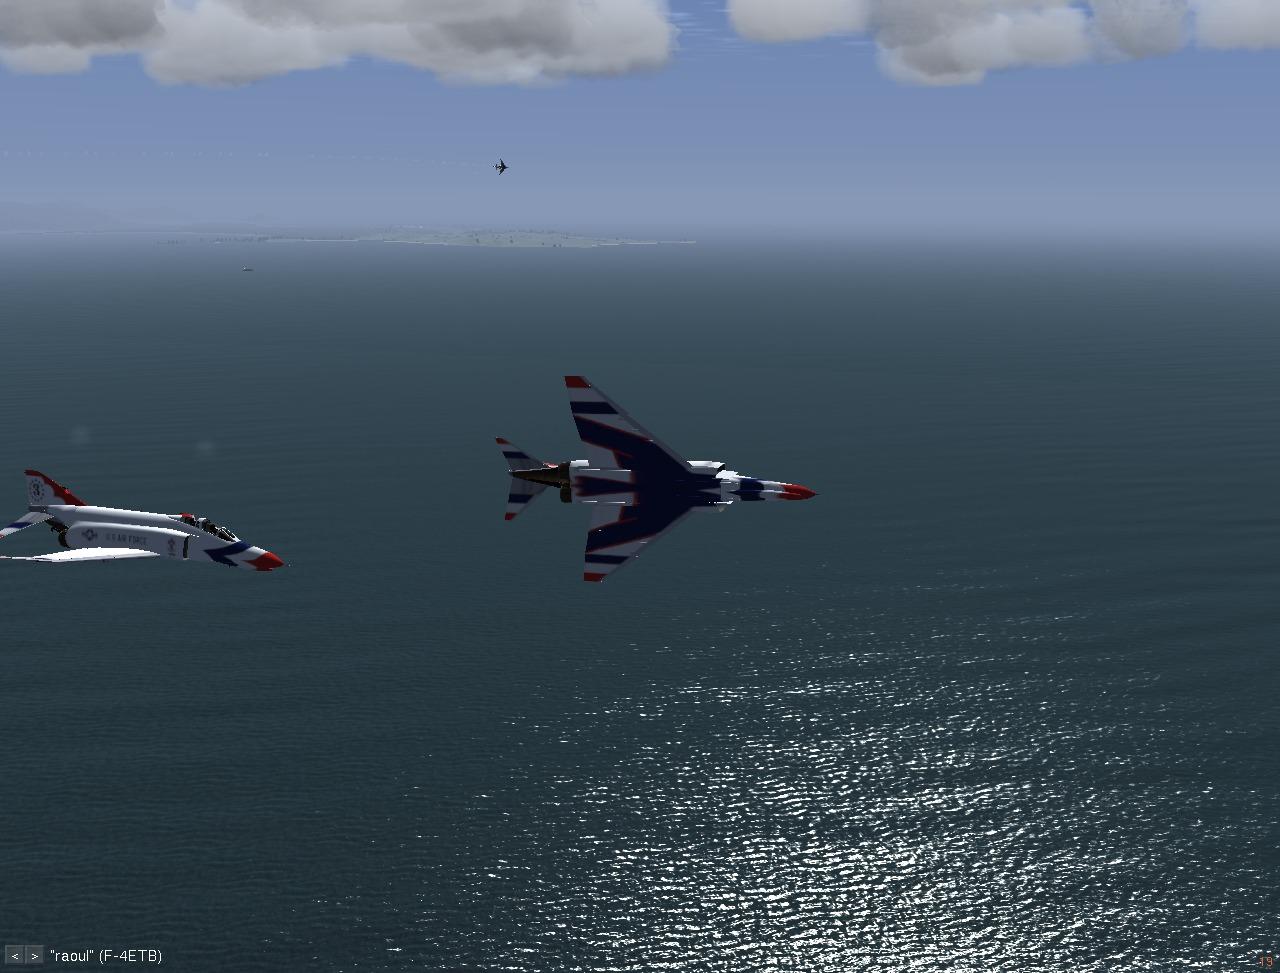 a propos de vol en formation - Page 2 Fgfs-screen-009